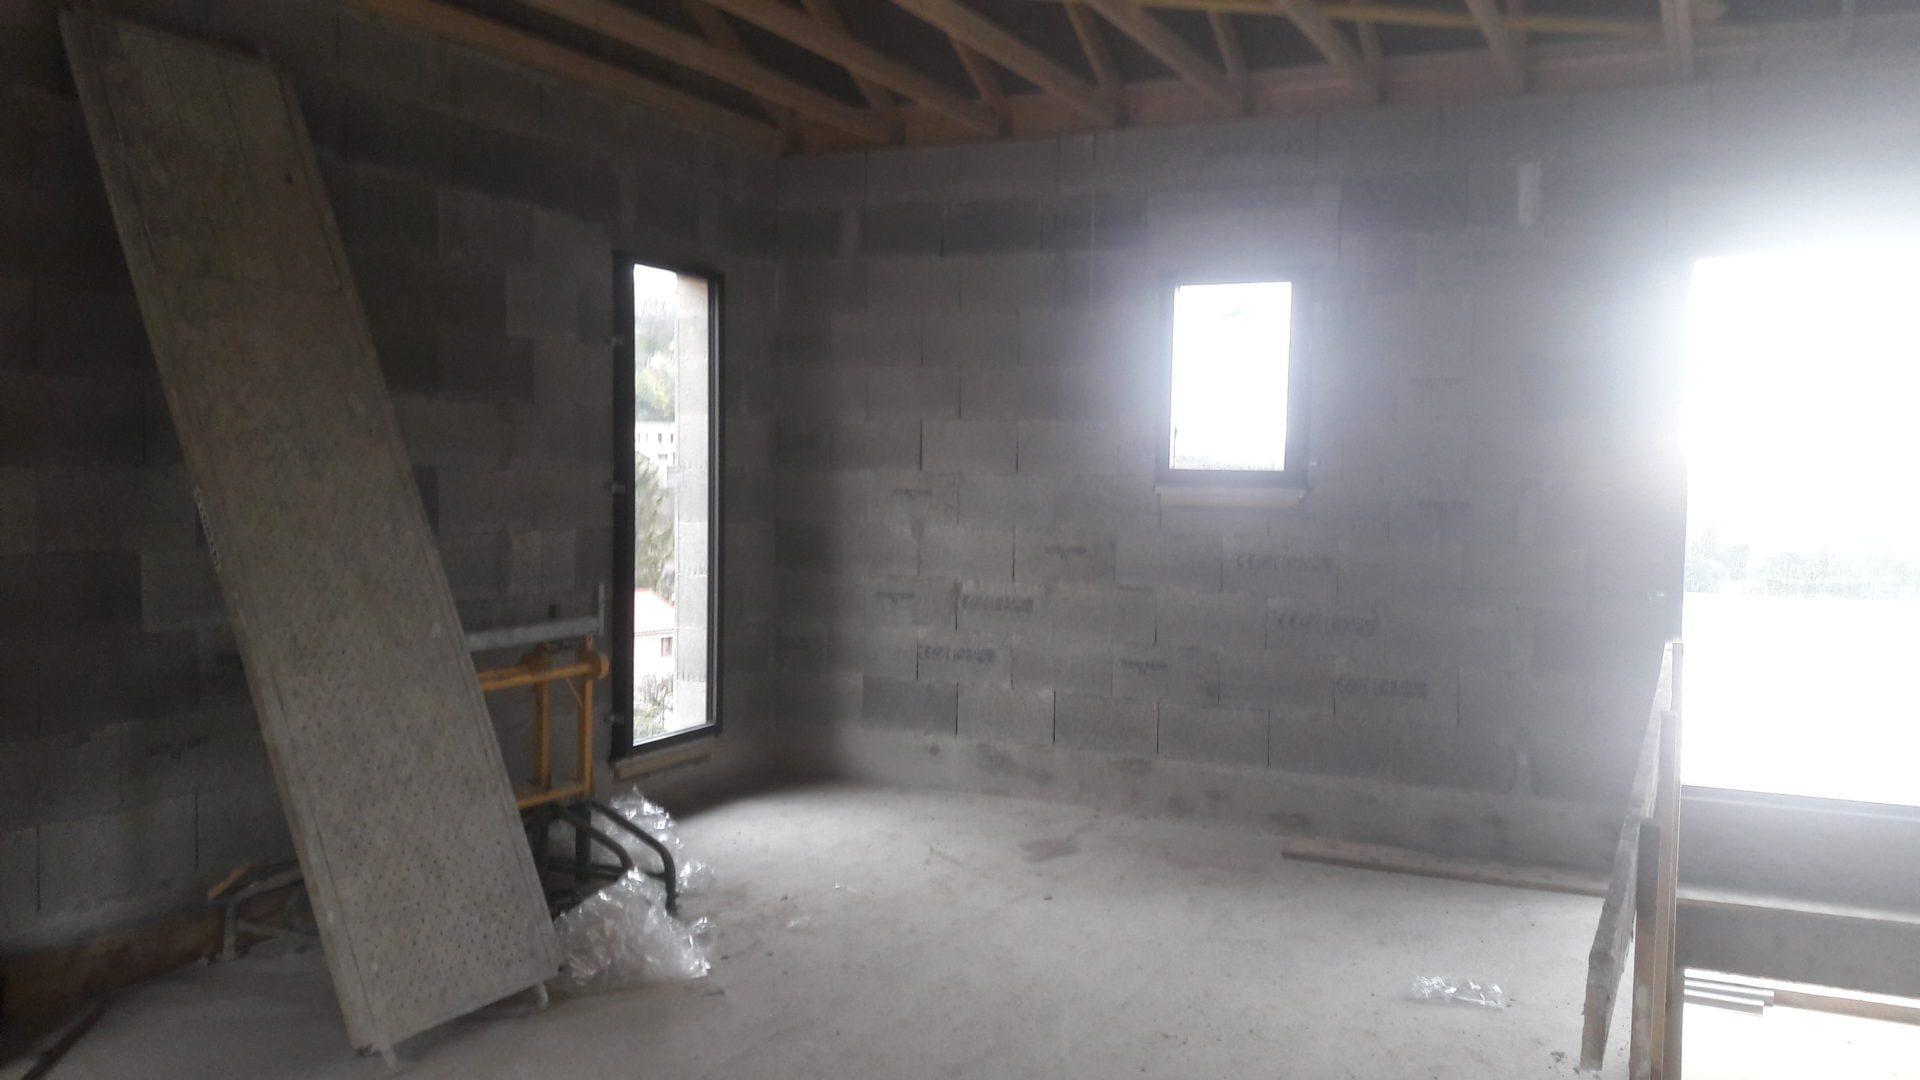 fenetre 1er etage boethic 1